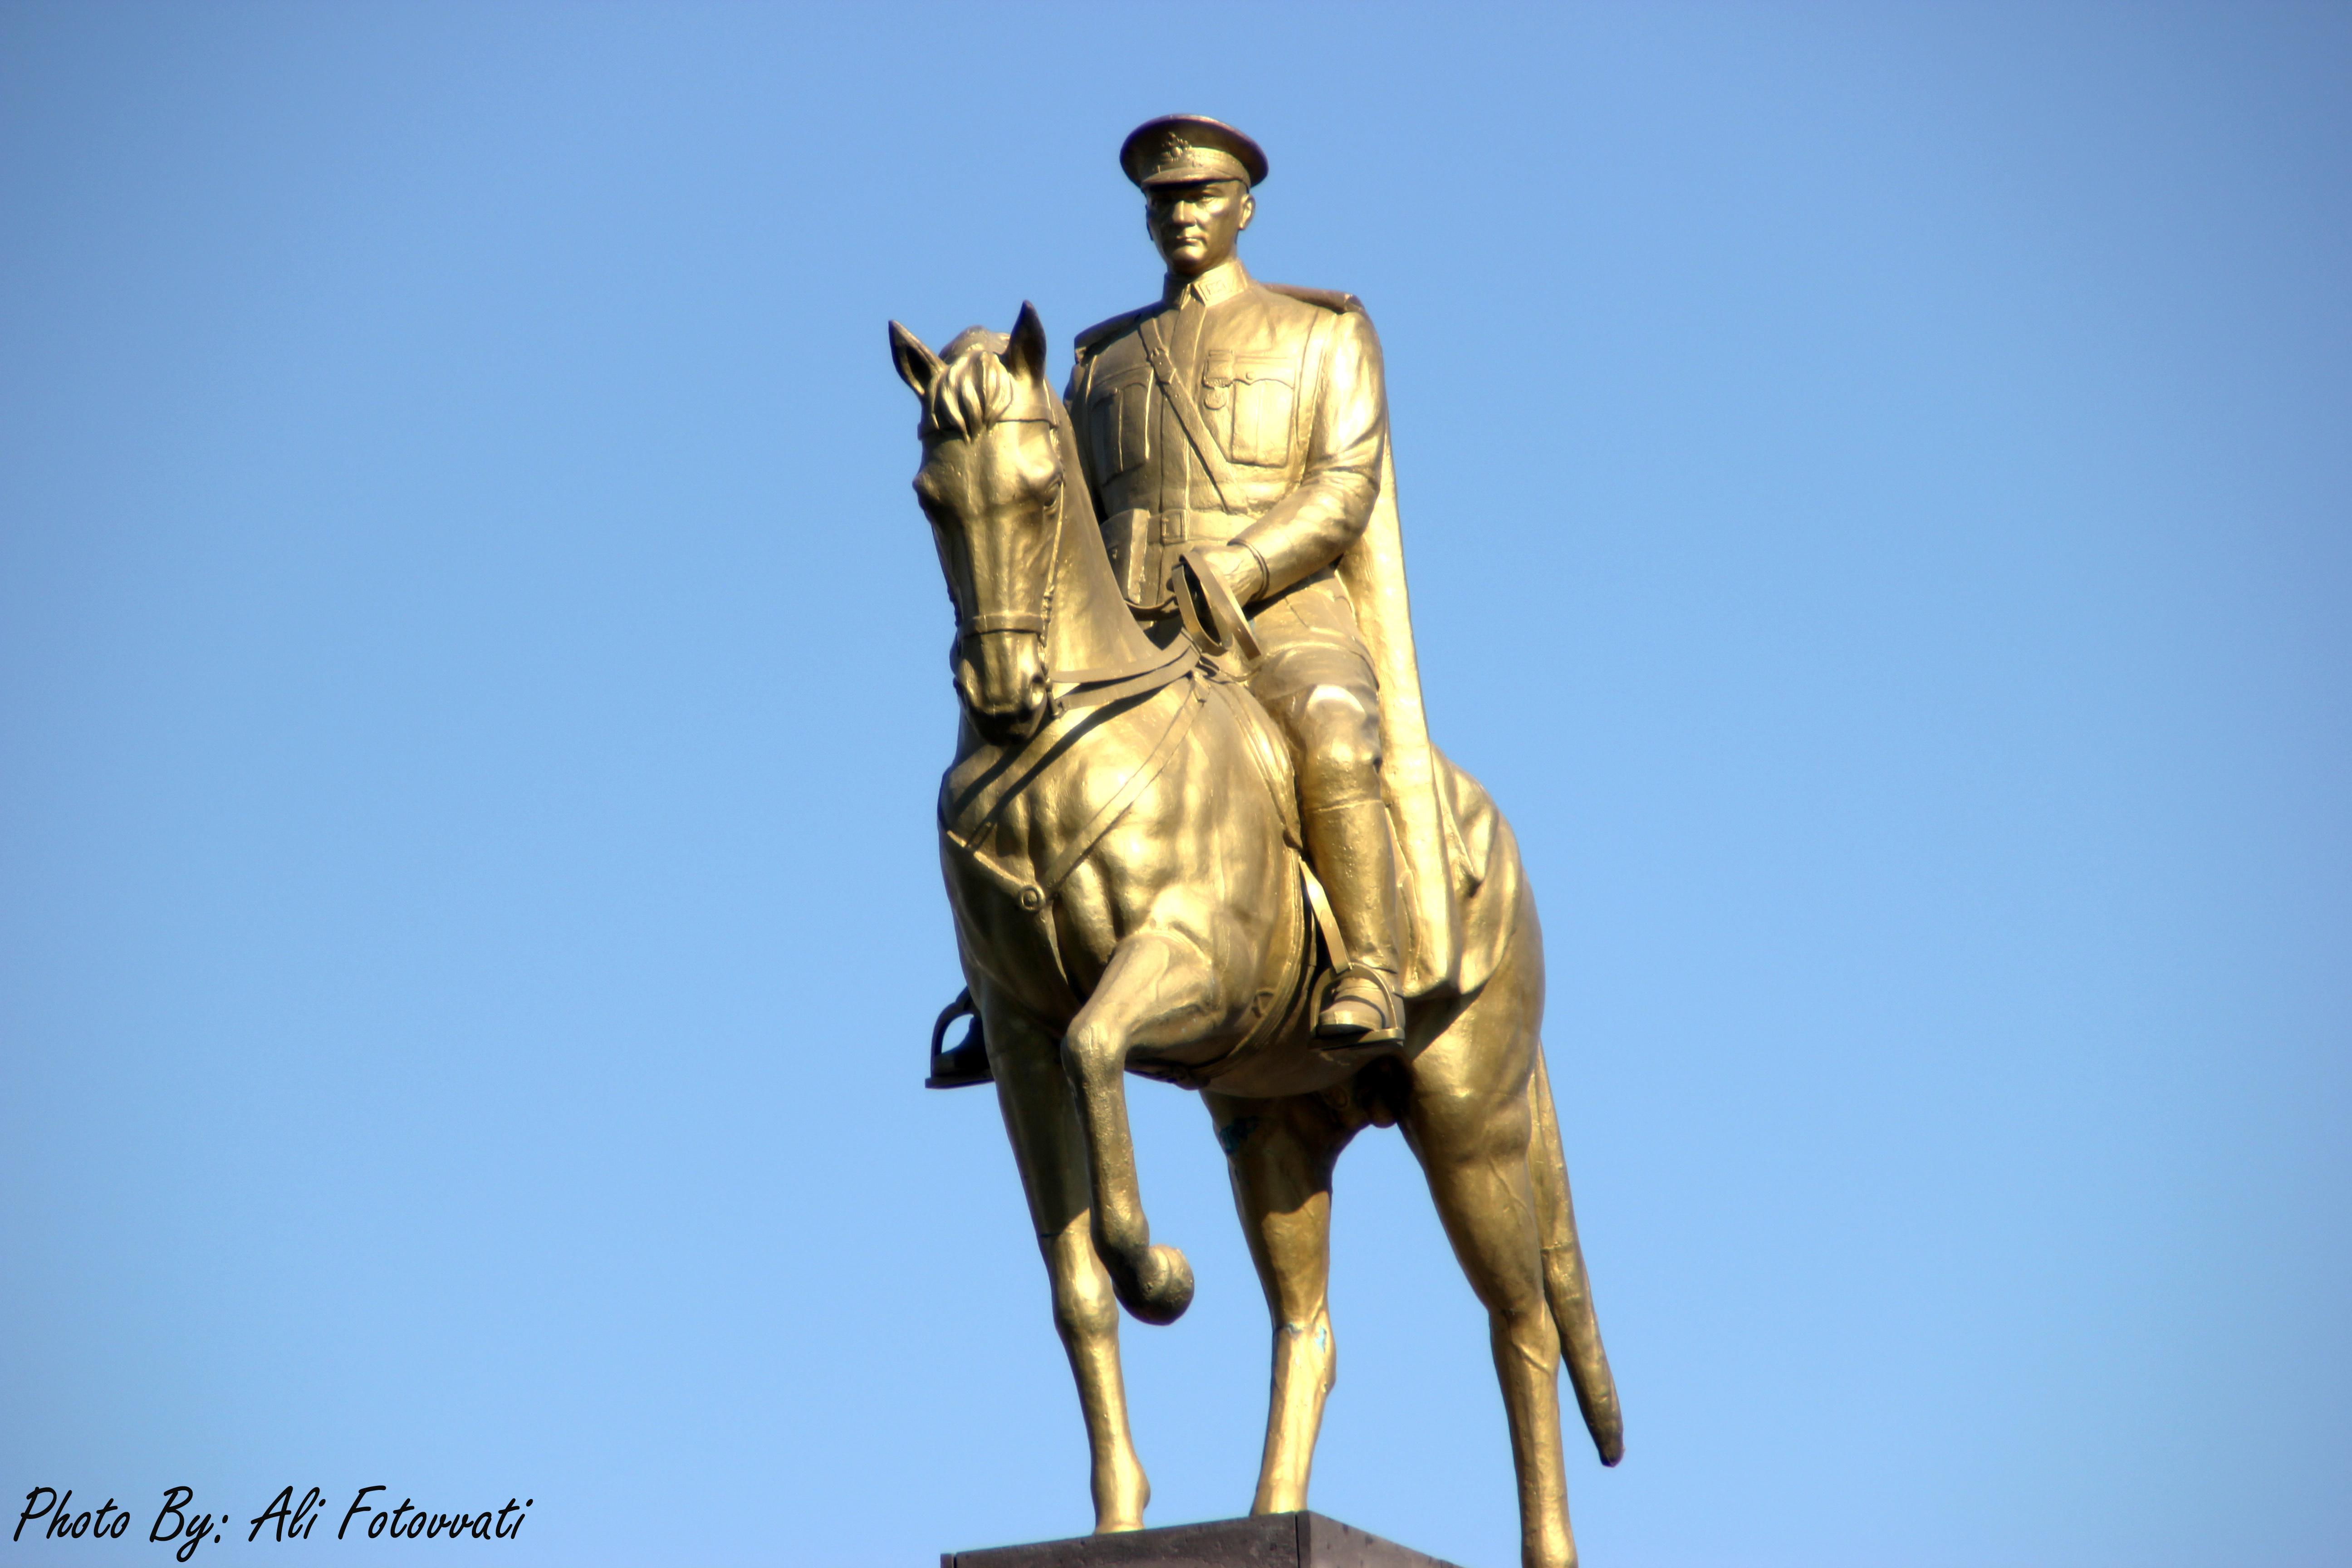 مجسمه آتاتورک سوار بر اسب